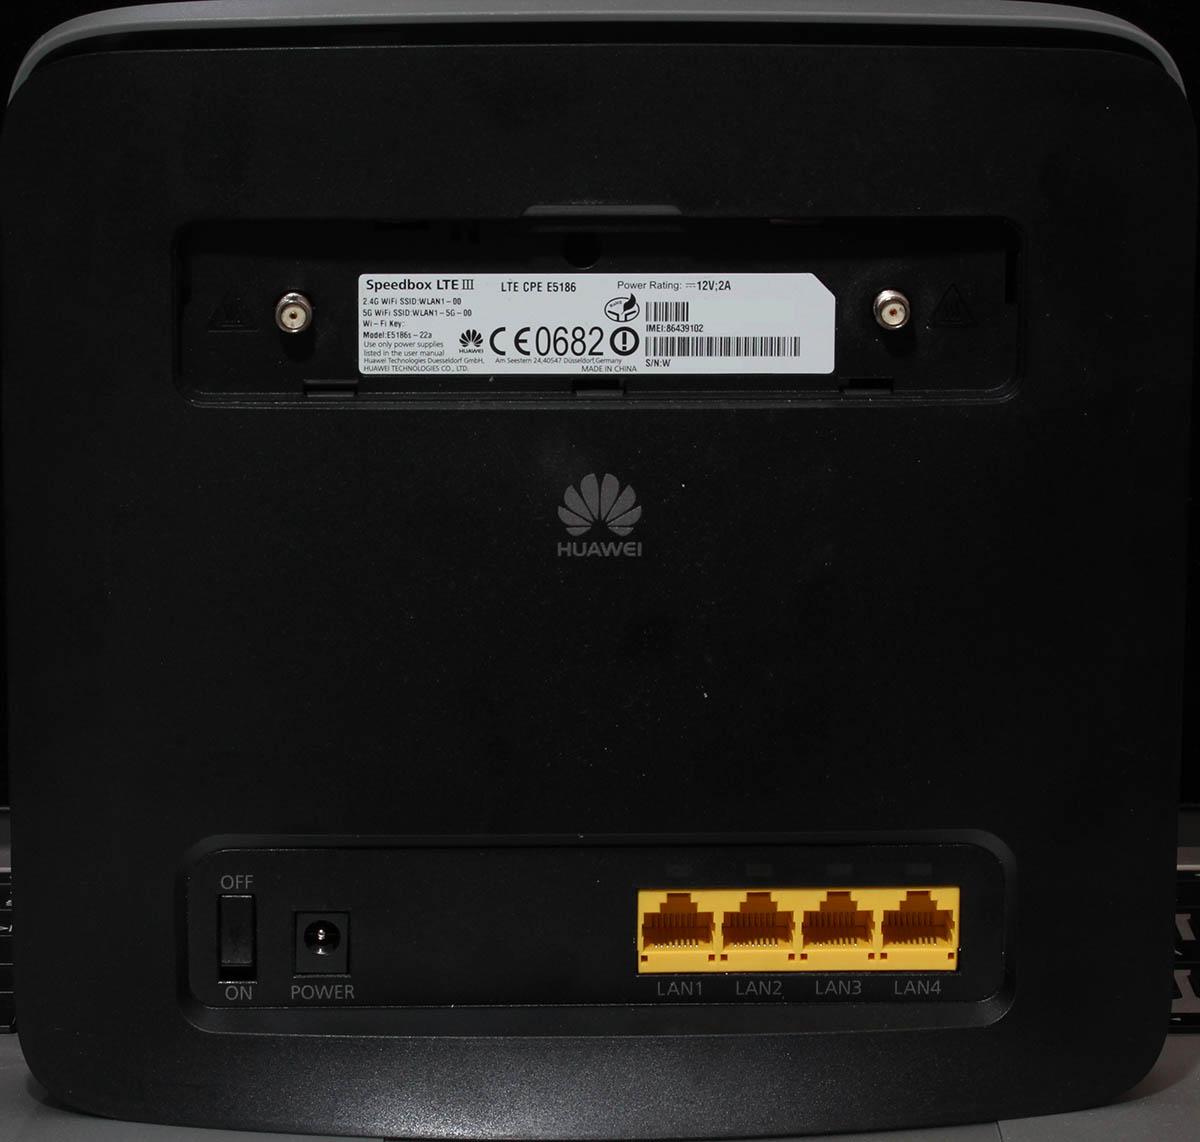 Huawei - Hacker's ramblings